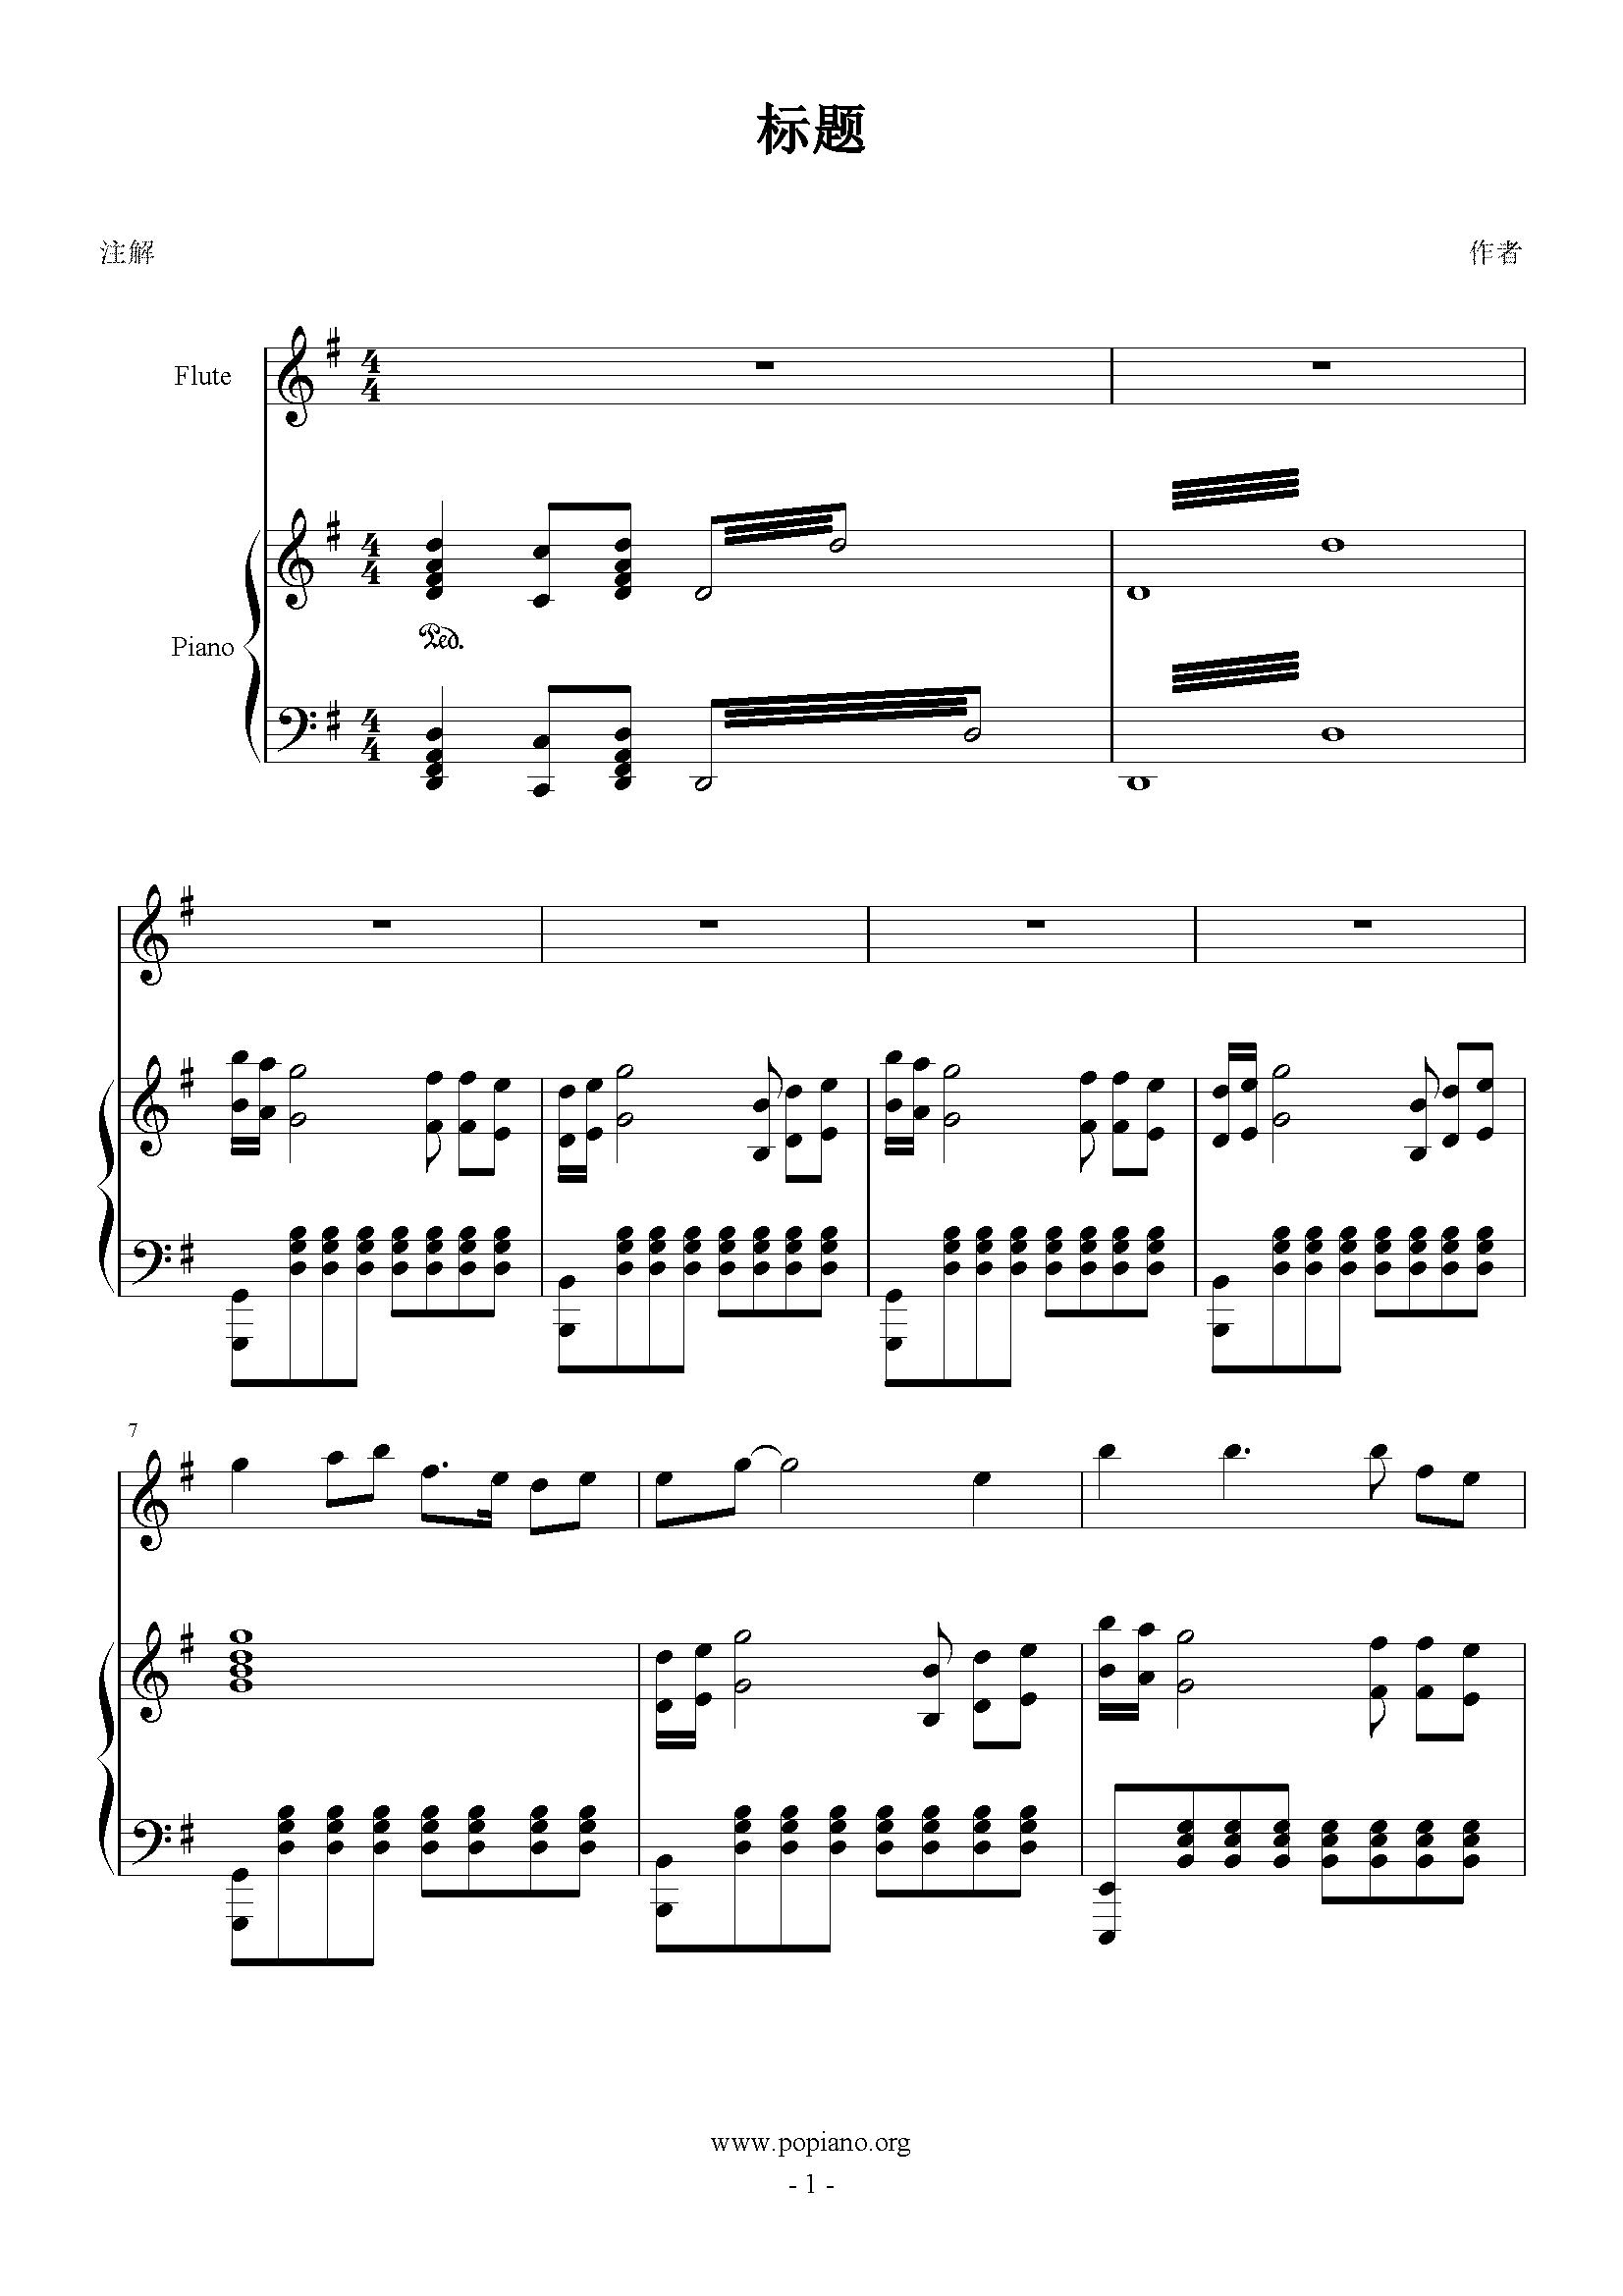 江山无限(康熙微服私访记片头曲)琴笛合奏钢琴谱_